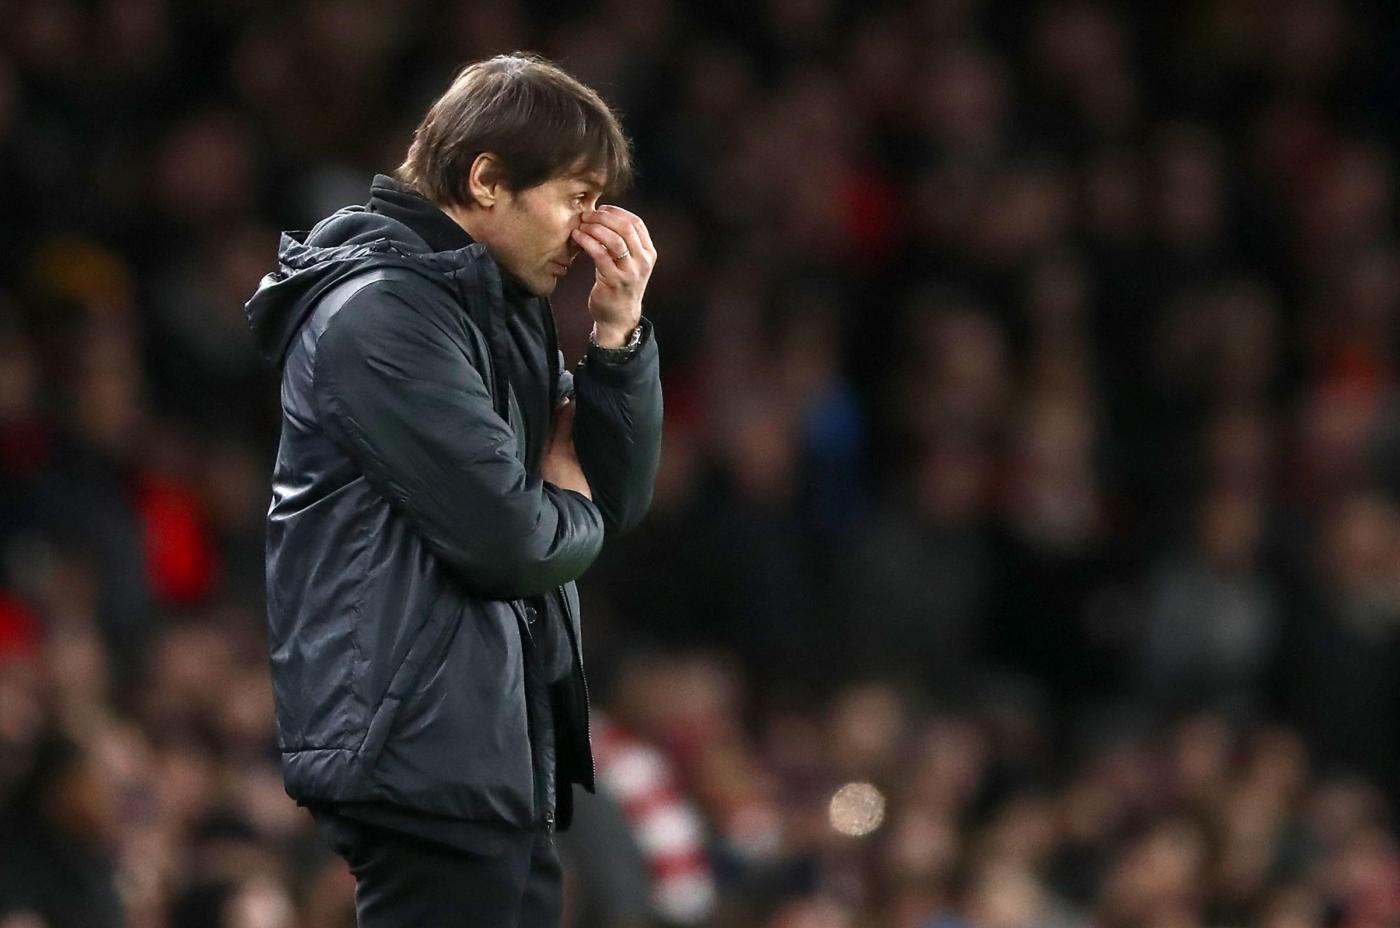 Antonio Conte in bilico sulla panchina della Chelsea: Abramovich potrebbe esonerarlo